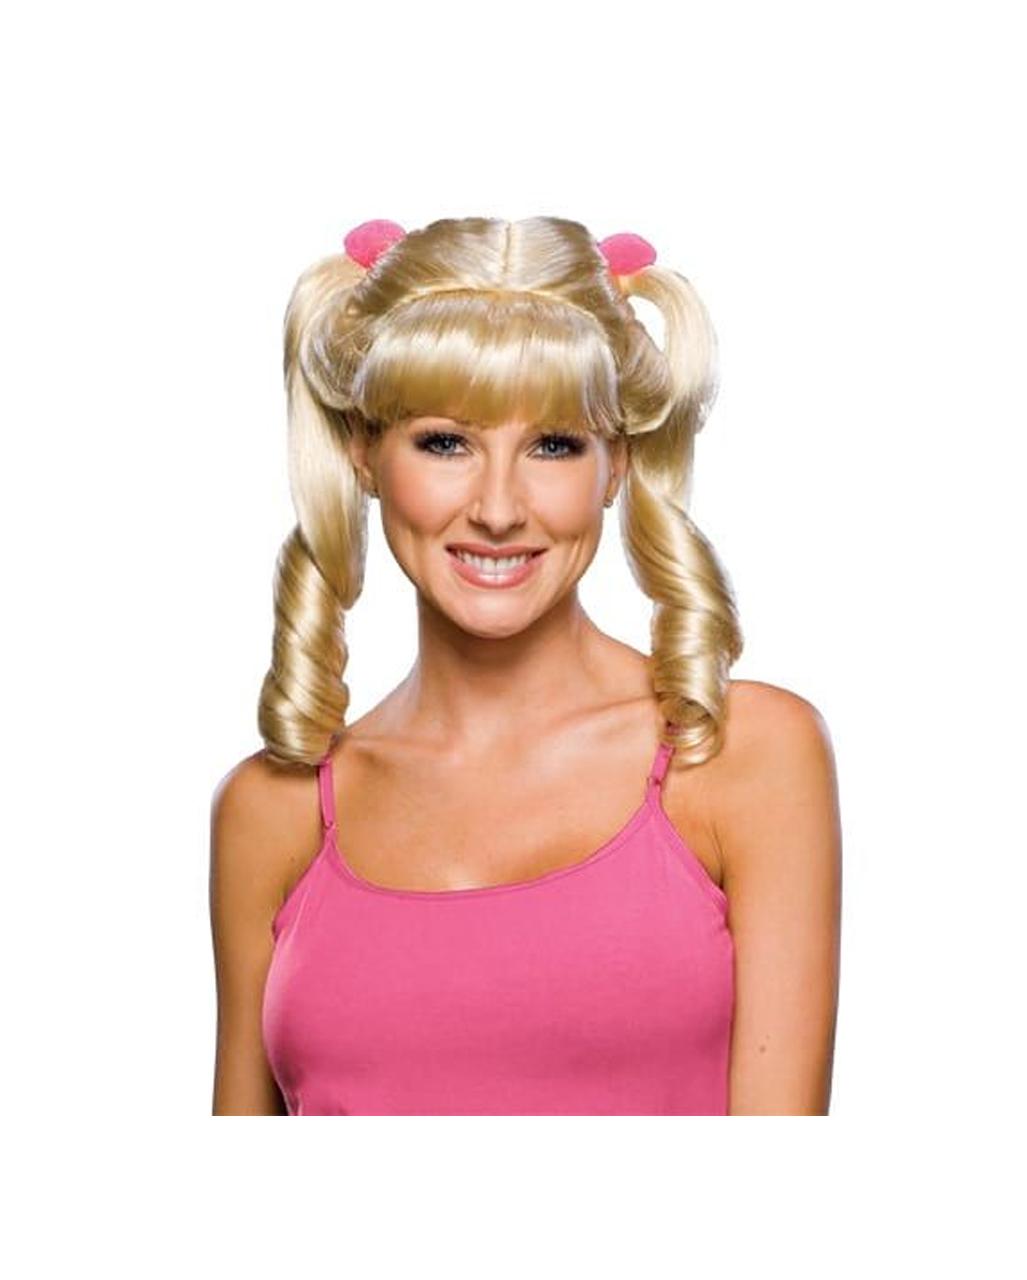 cheerleader per cke blond blonde zopfper cken g nstig. Black Bedroom Furniture Sets. Home Design Ideas